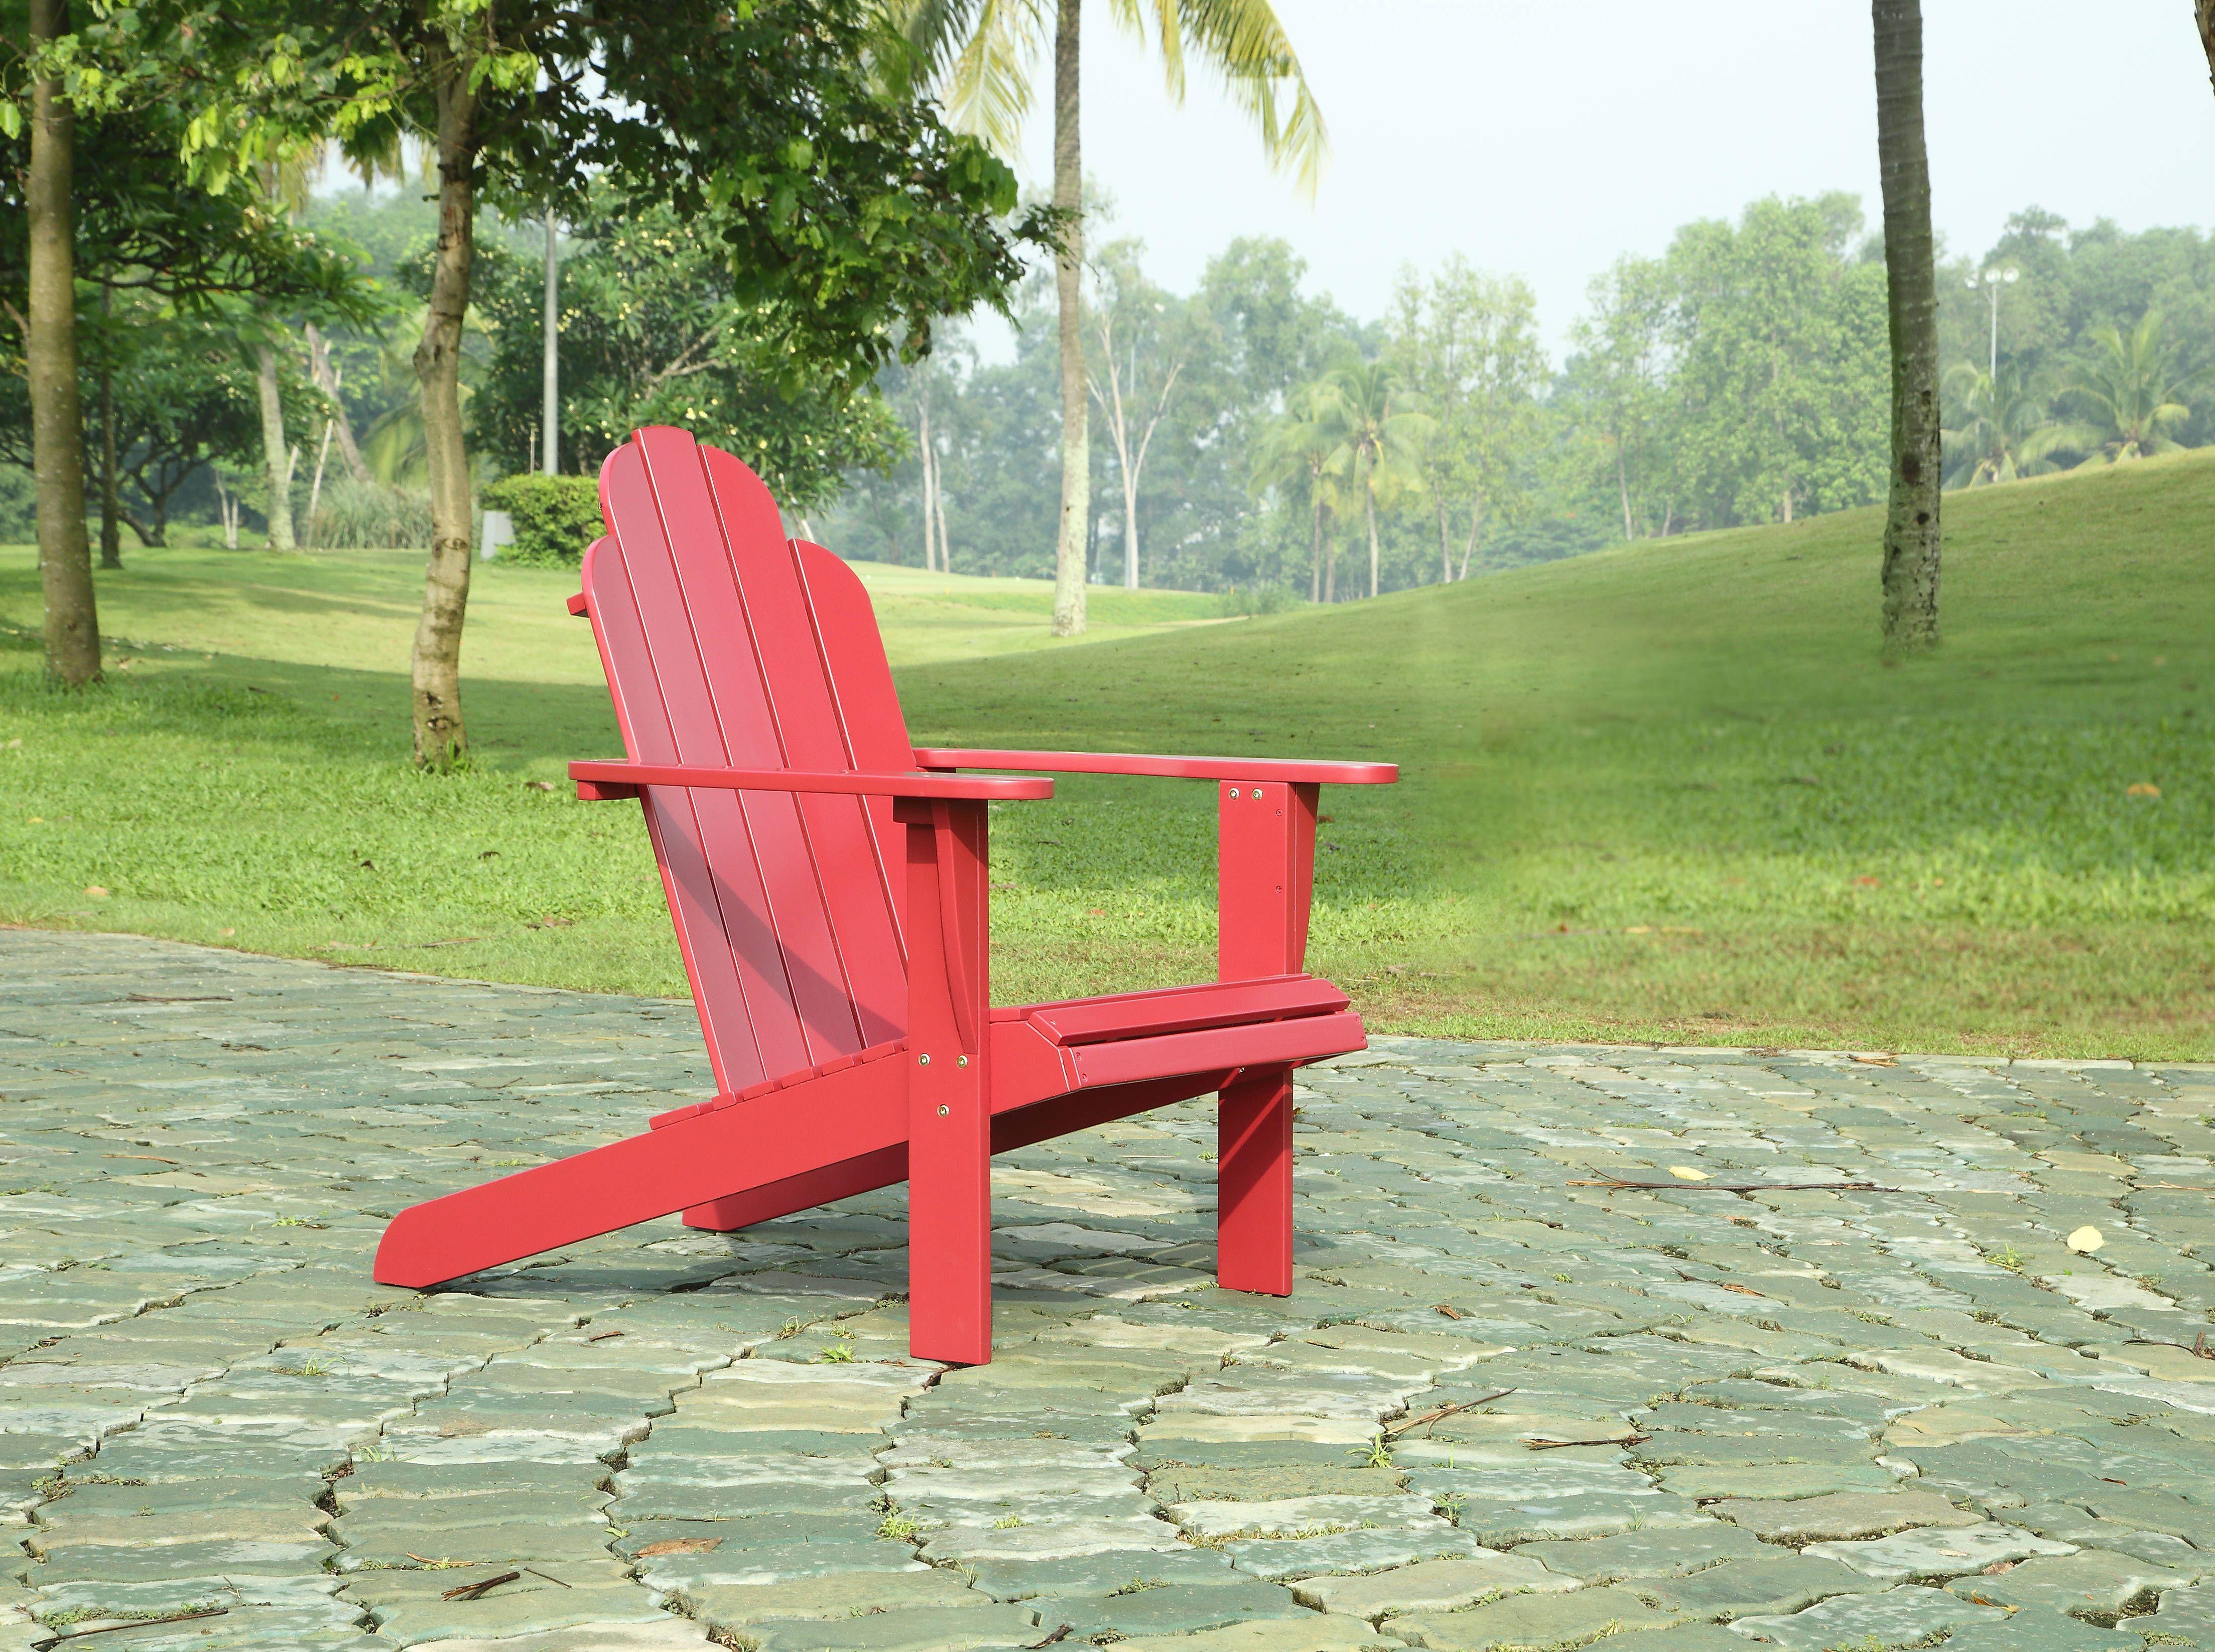 7d94dfc15b6dea691a88ff38739f73d1 - Better Homes And Gardens Oceanside 18 In Outdoor Garden Stool